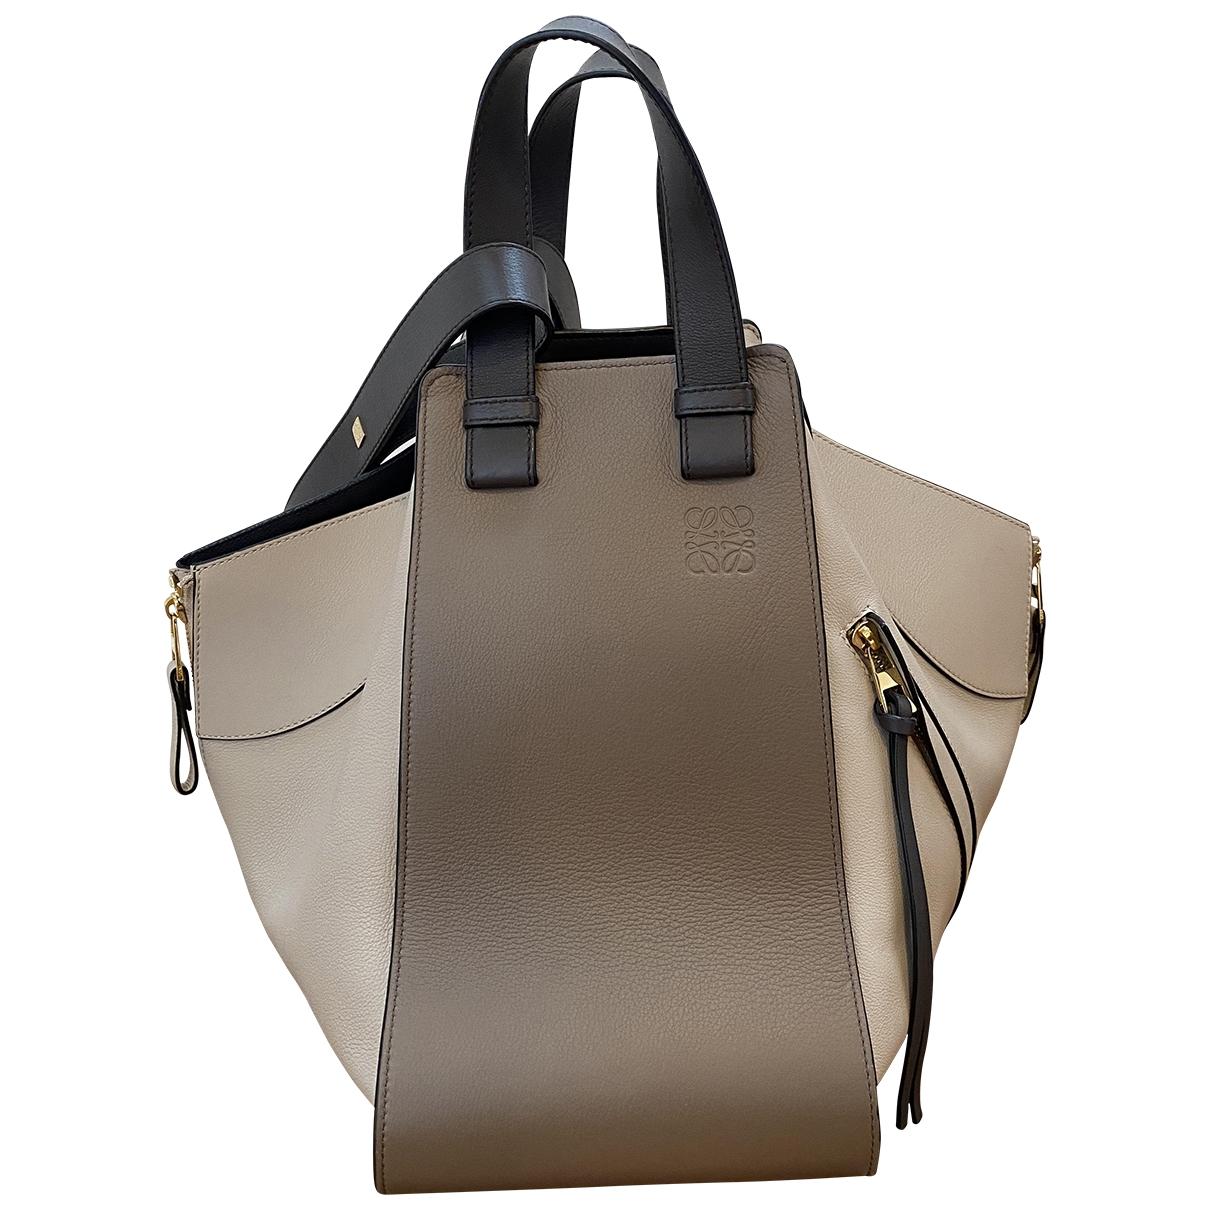 Loewe Hammock Beige Leather handbag for Women \N